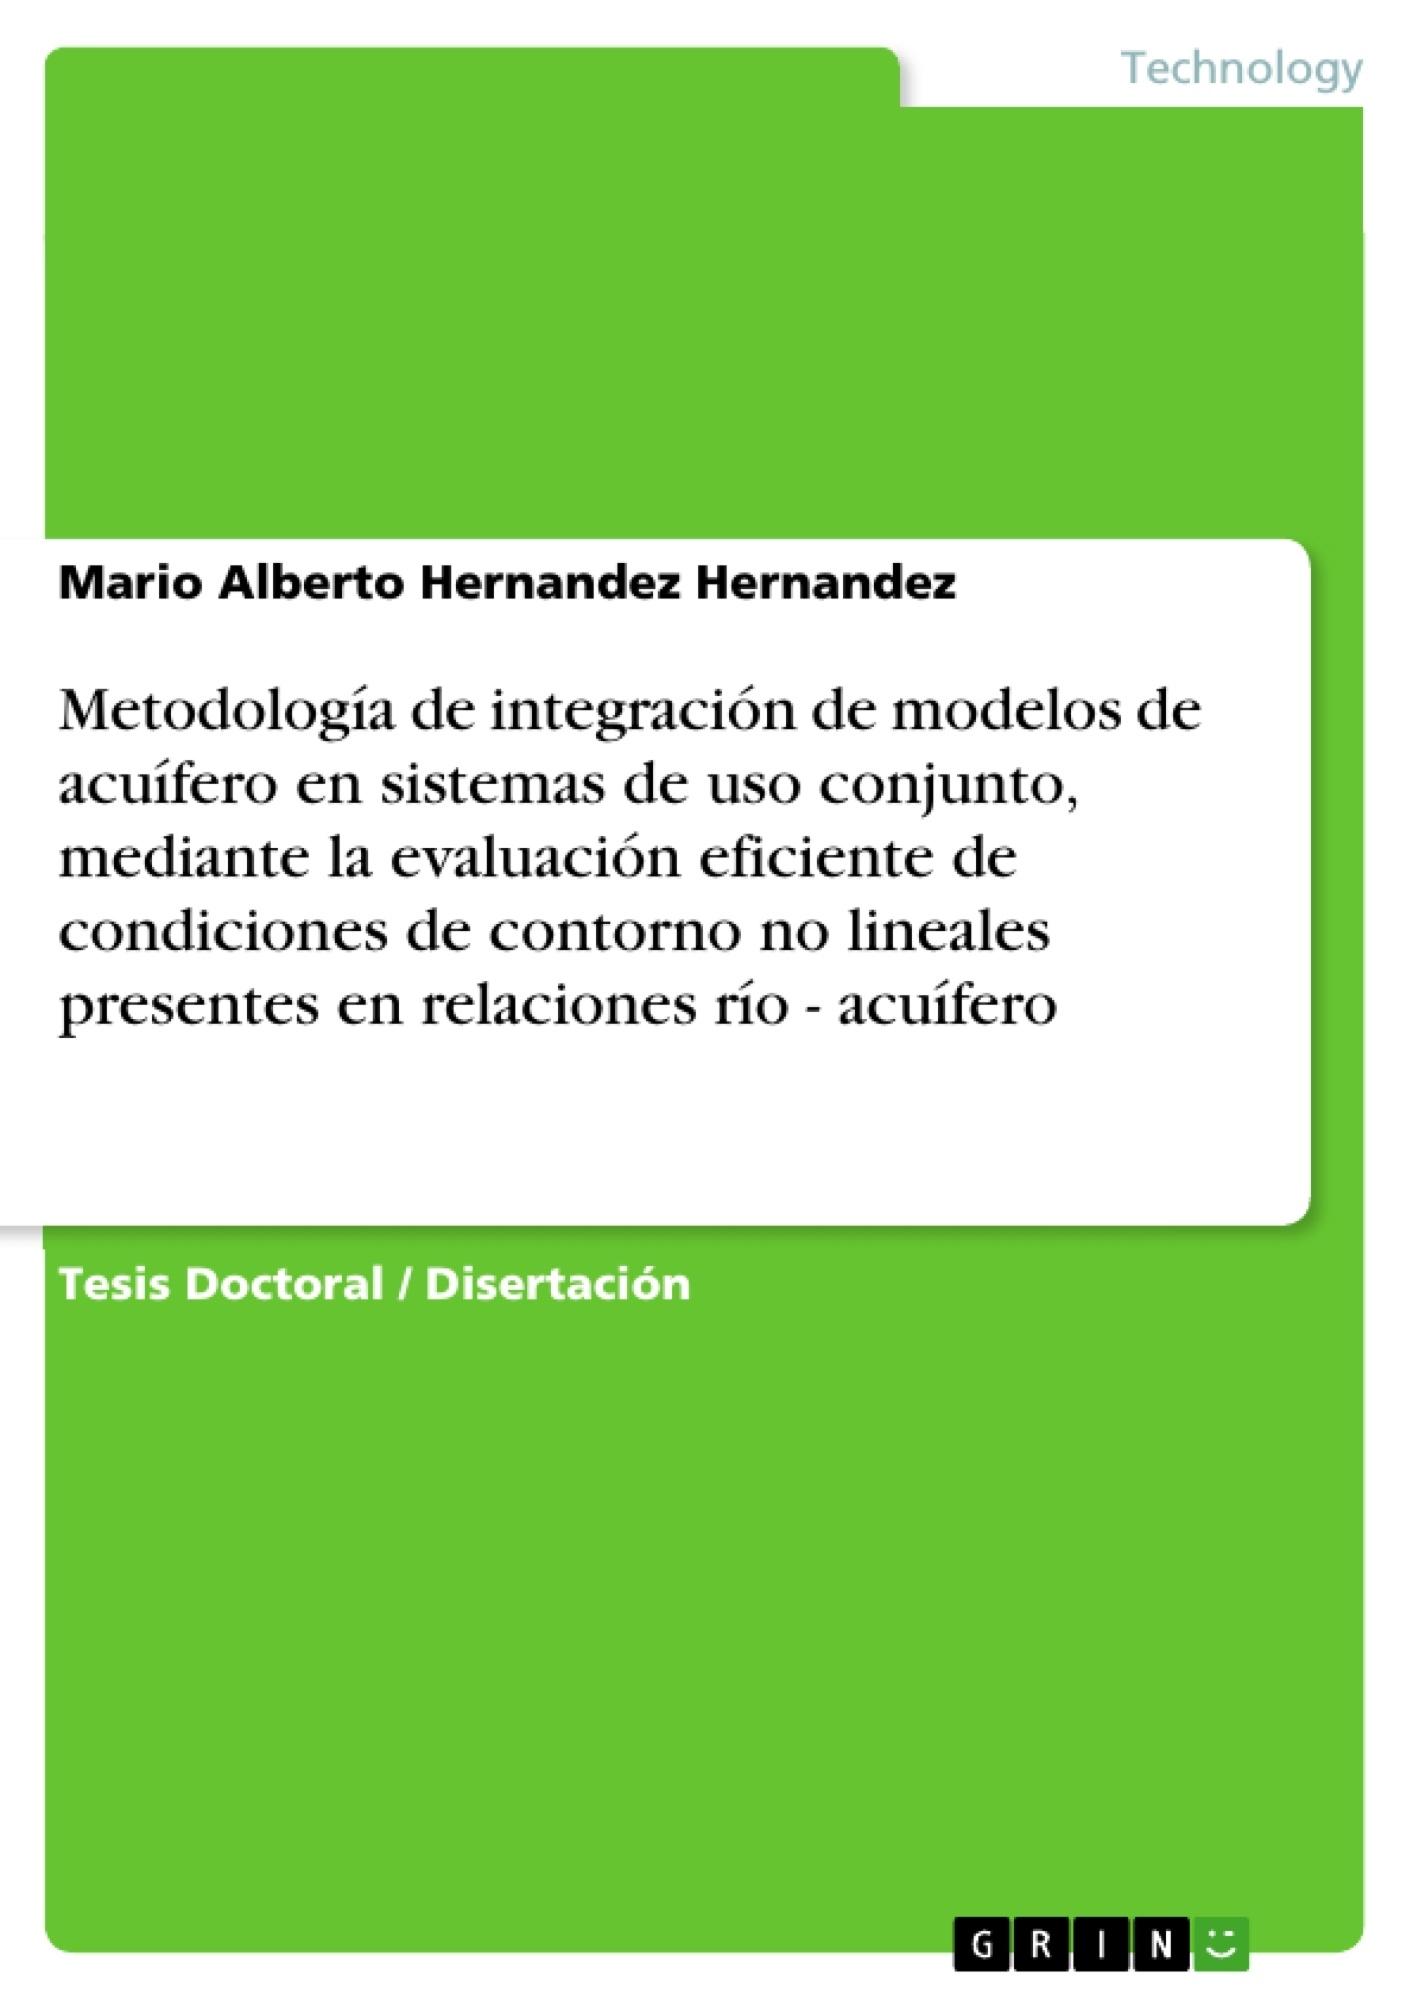 Título: Metodología de integración de modelos de acuífero en sistemas de uso conjunto, mediante la evaluación eficiente de condiciones de contorno no lineales presentes en relaciones río - acuífero